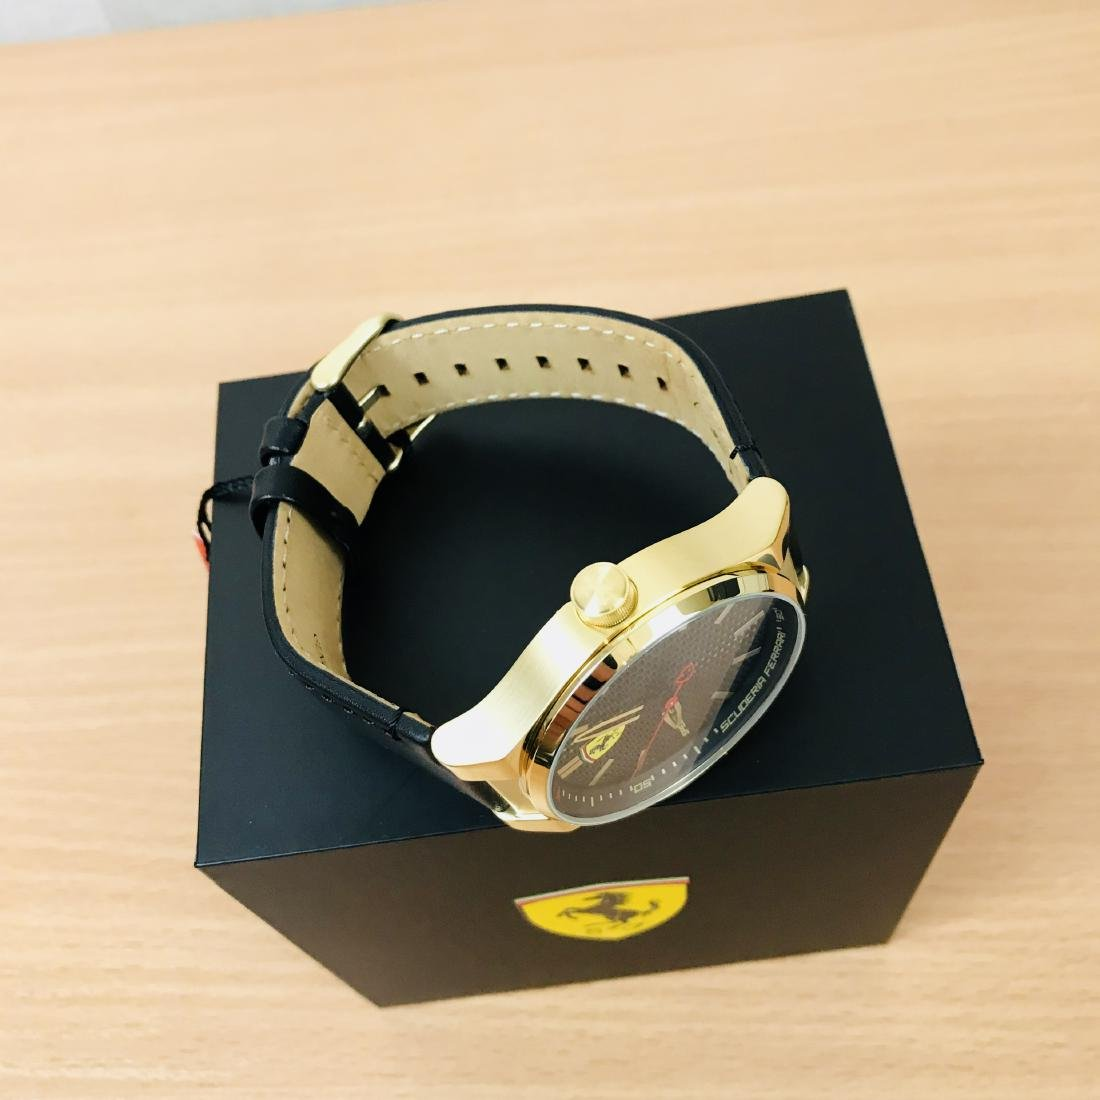 Scuderia Ferrari – SPECIALE Men's Gold Plated Watch - 9